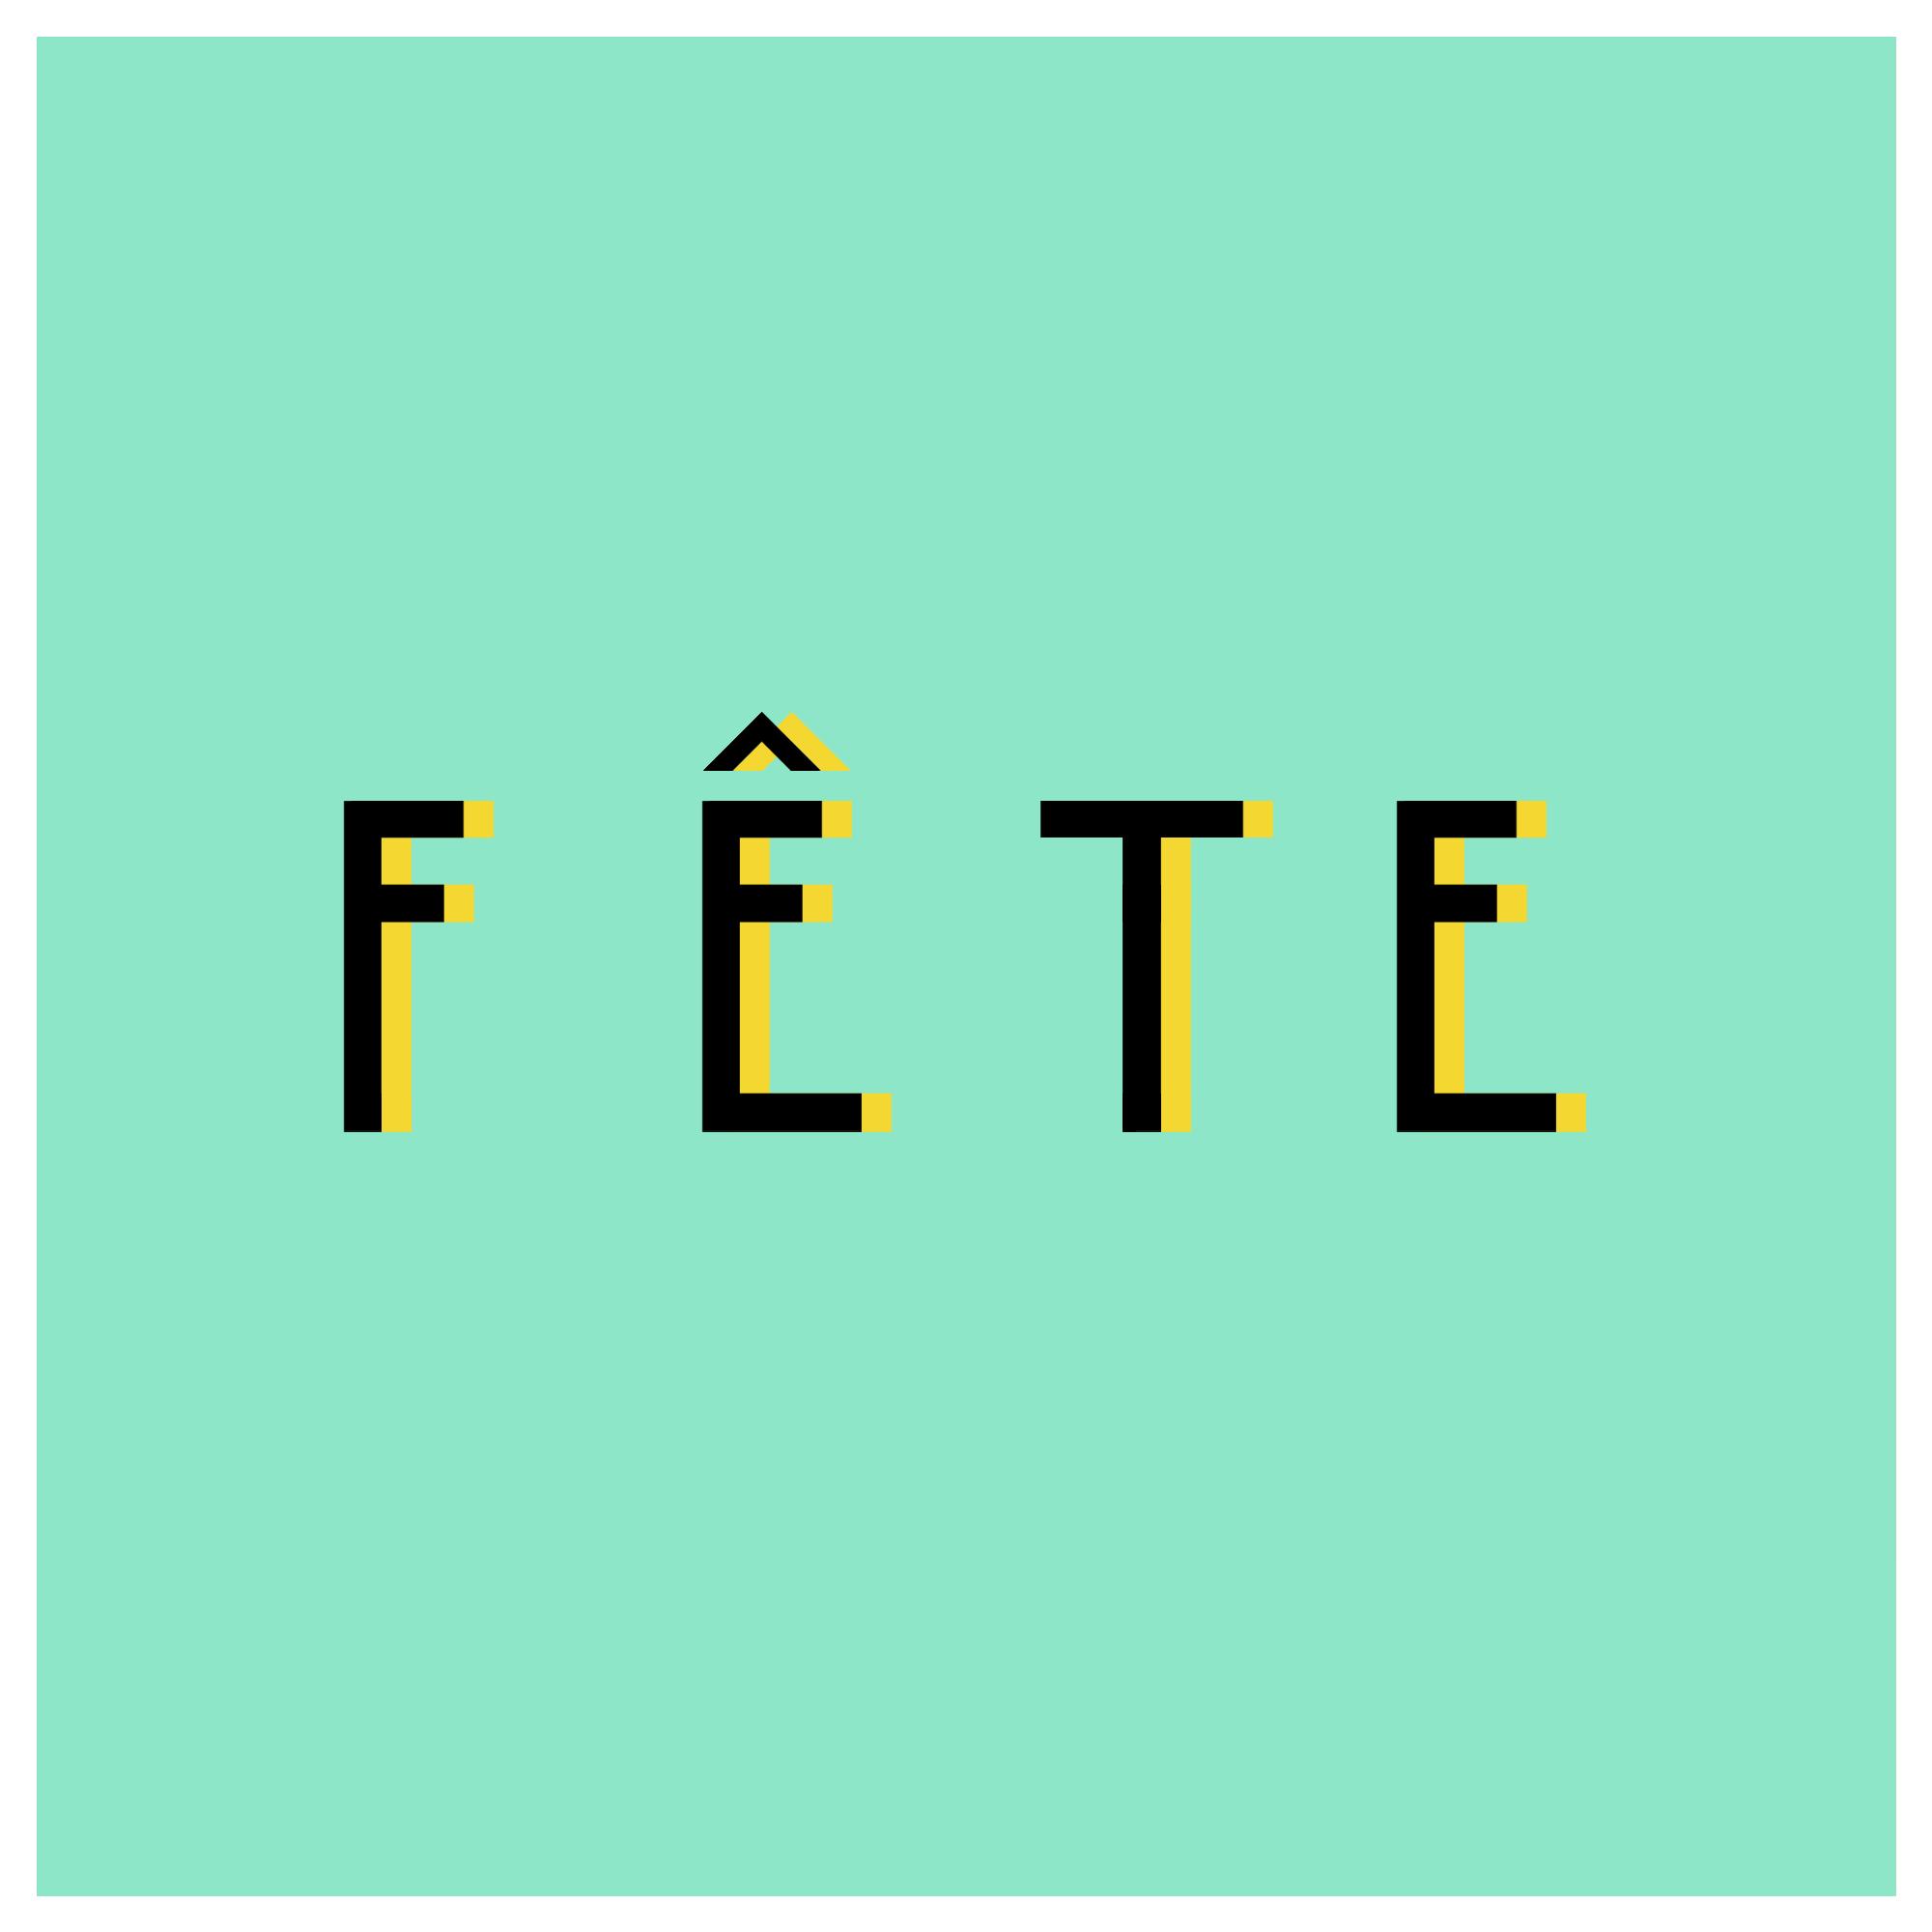 ProjectNoir_EventLogo_fete.png